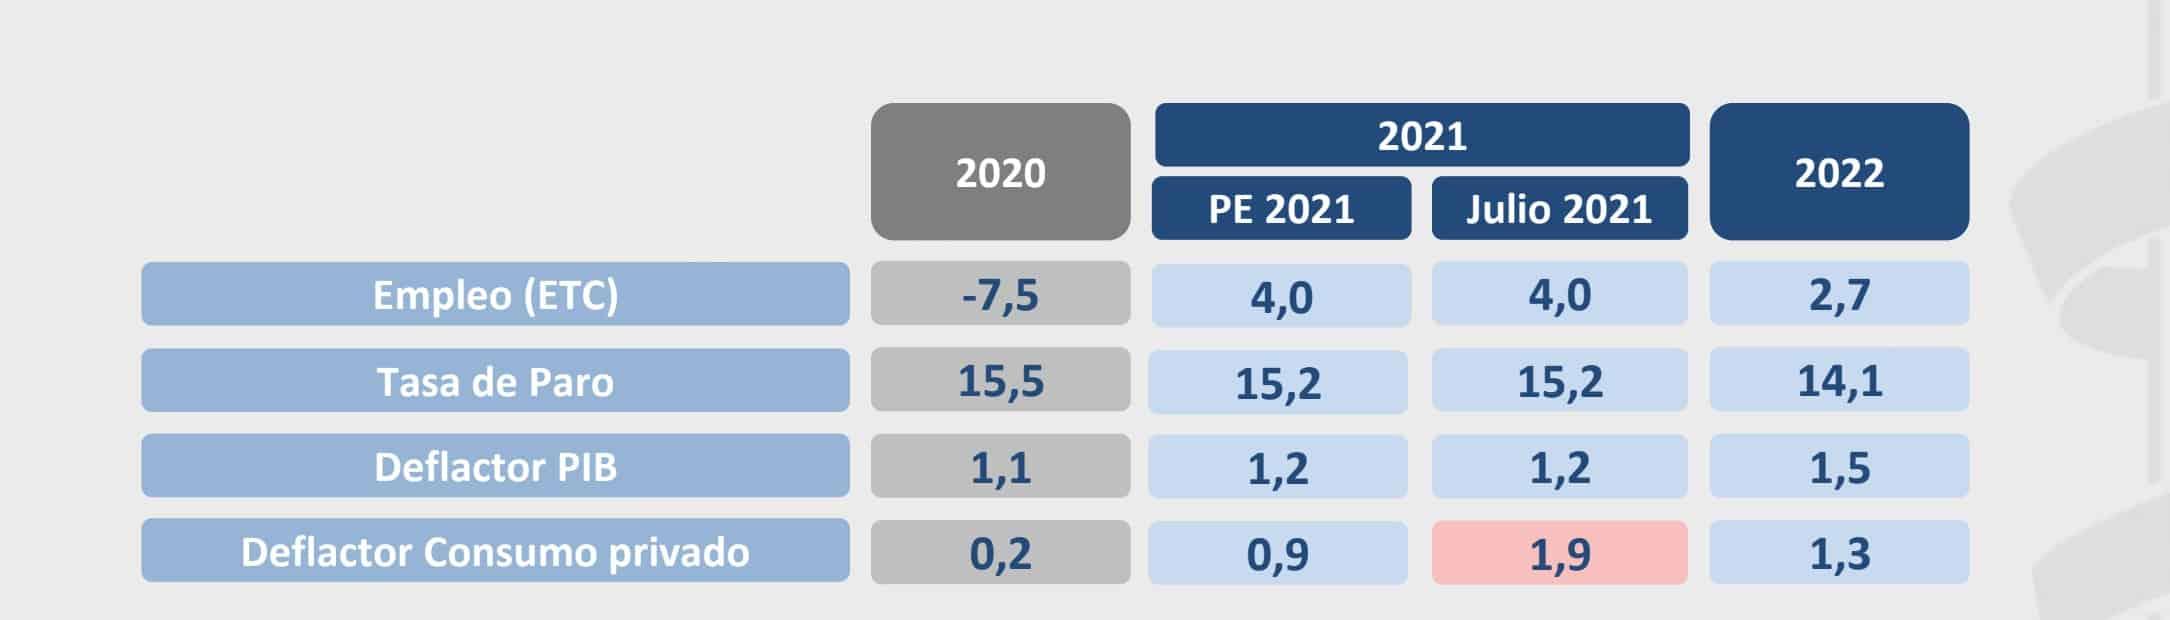 España - Empleo Público 2022 - 4